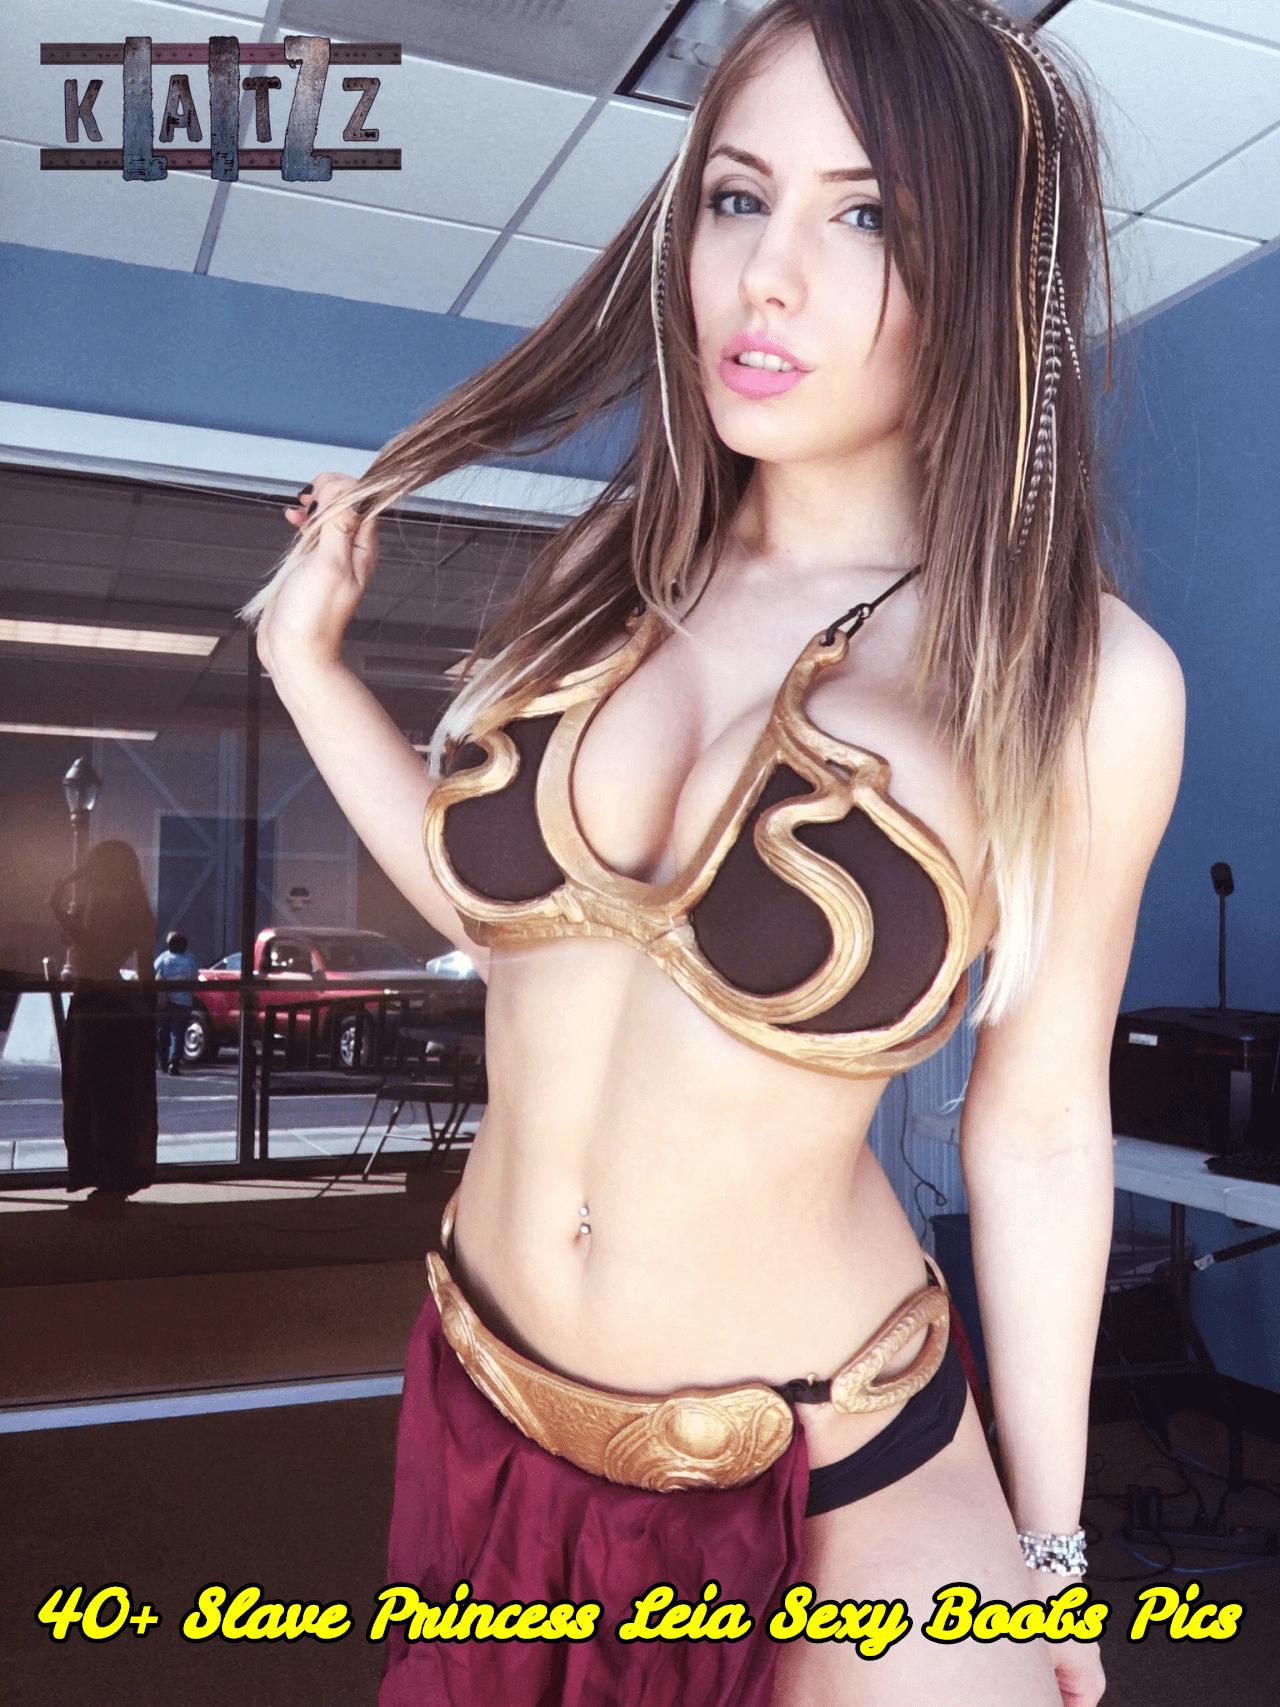 Slave Princess Leia sexy boobs pics